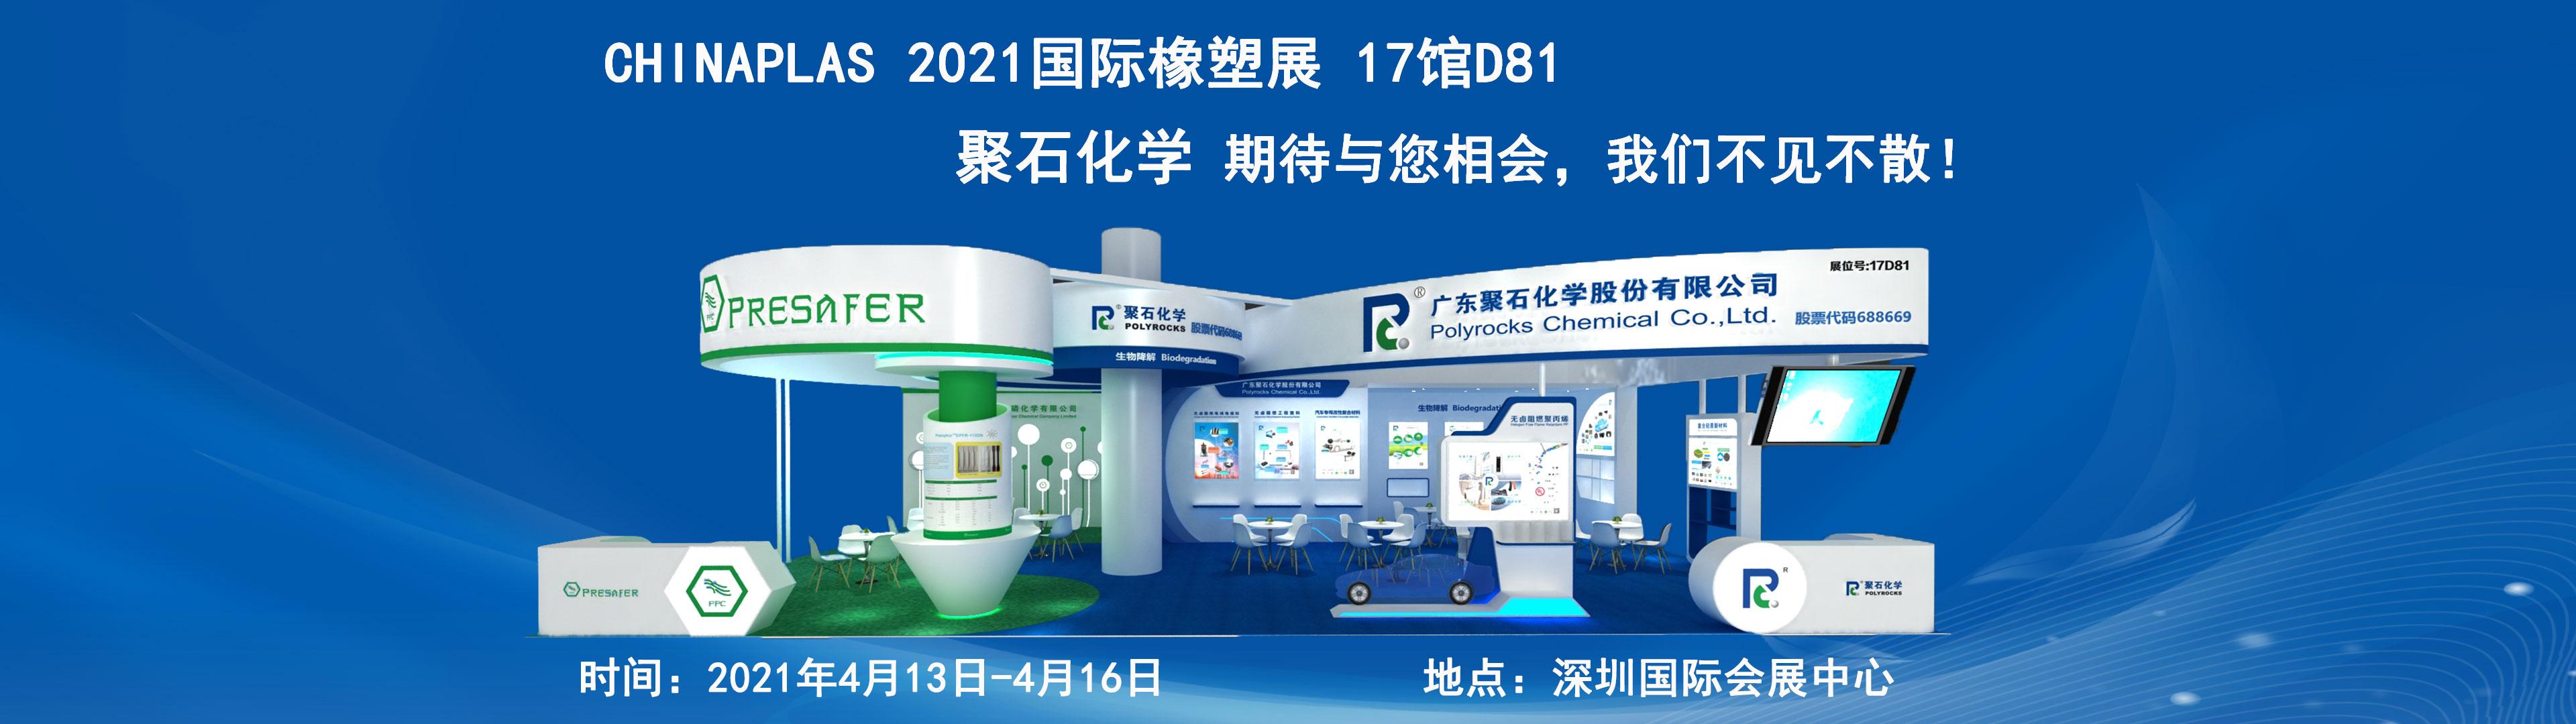 聚石化学与您相约 CHINAPLAS2021 深圳国际橡塑展